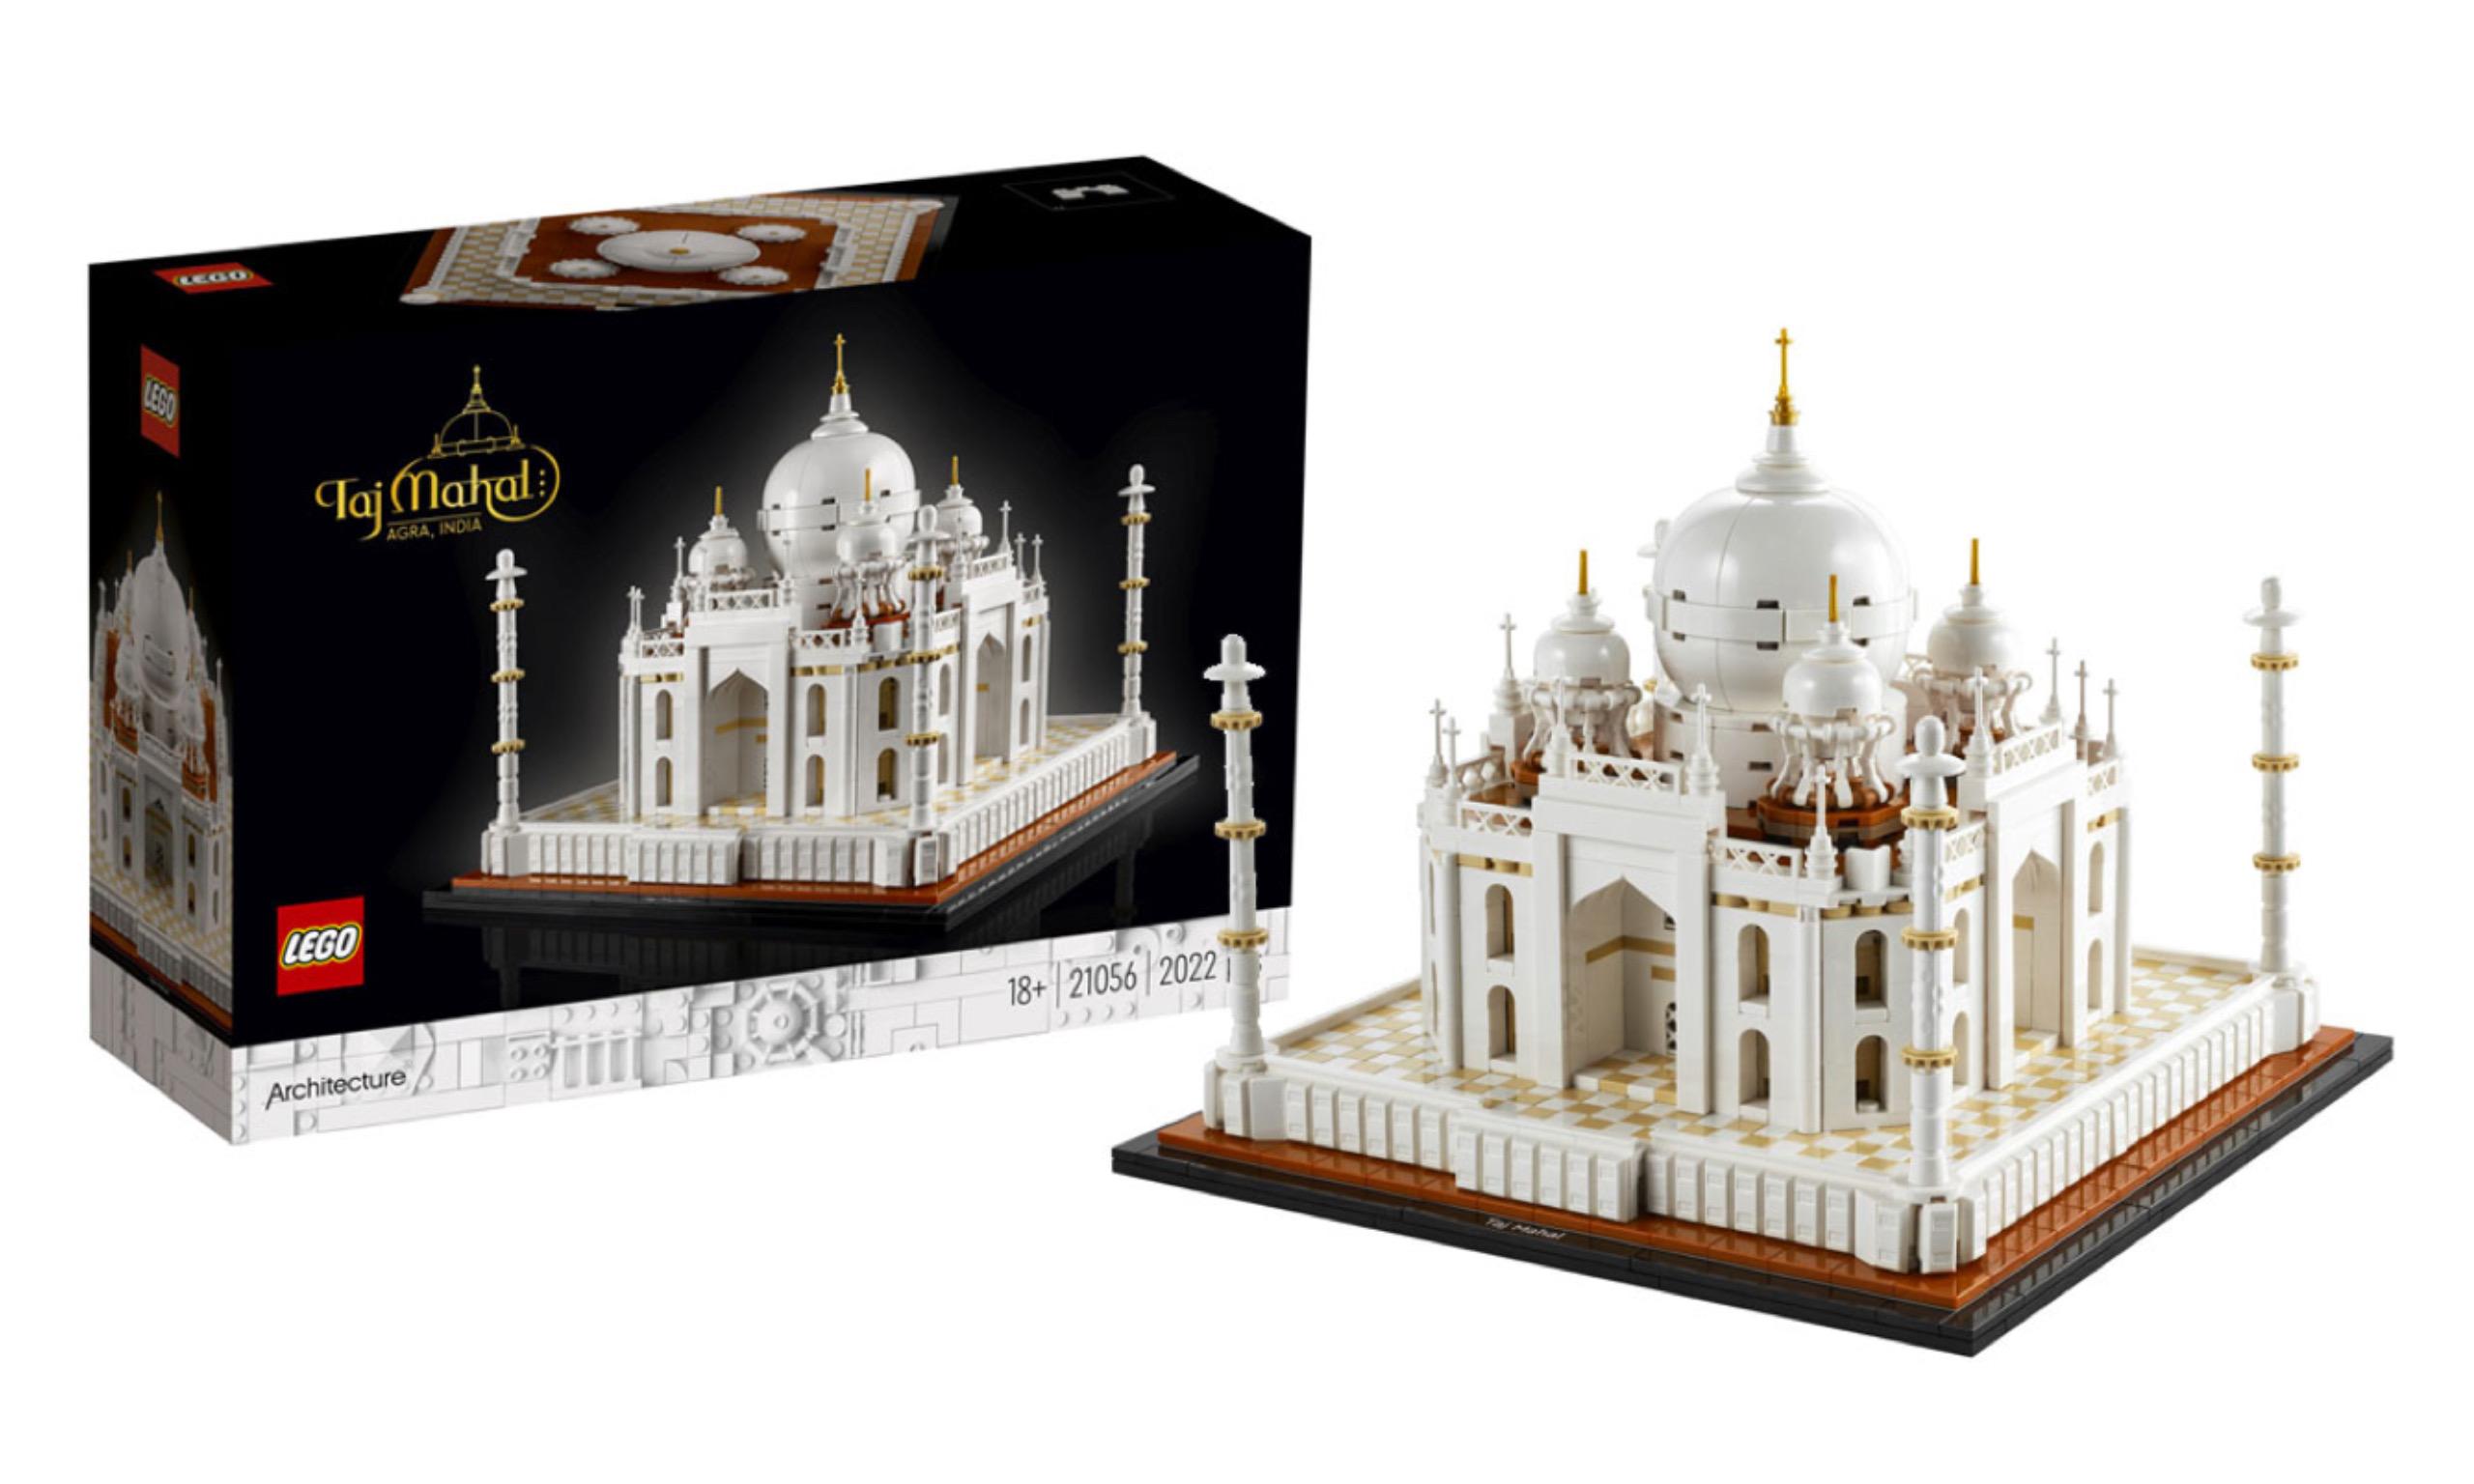 LEGO 建筑系列「泰姬陵」盒组释出